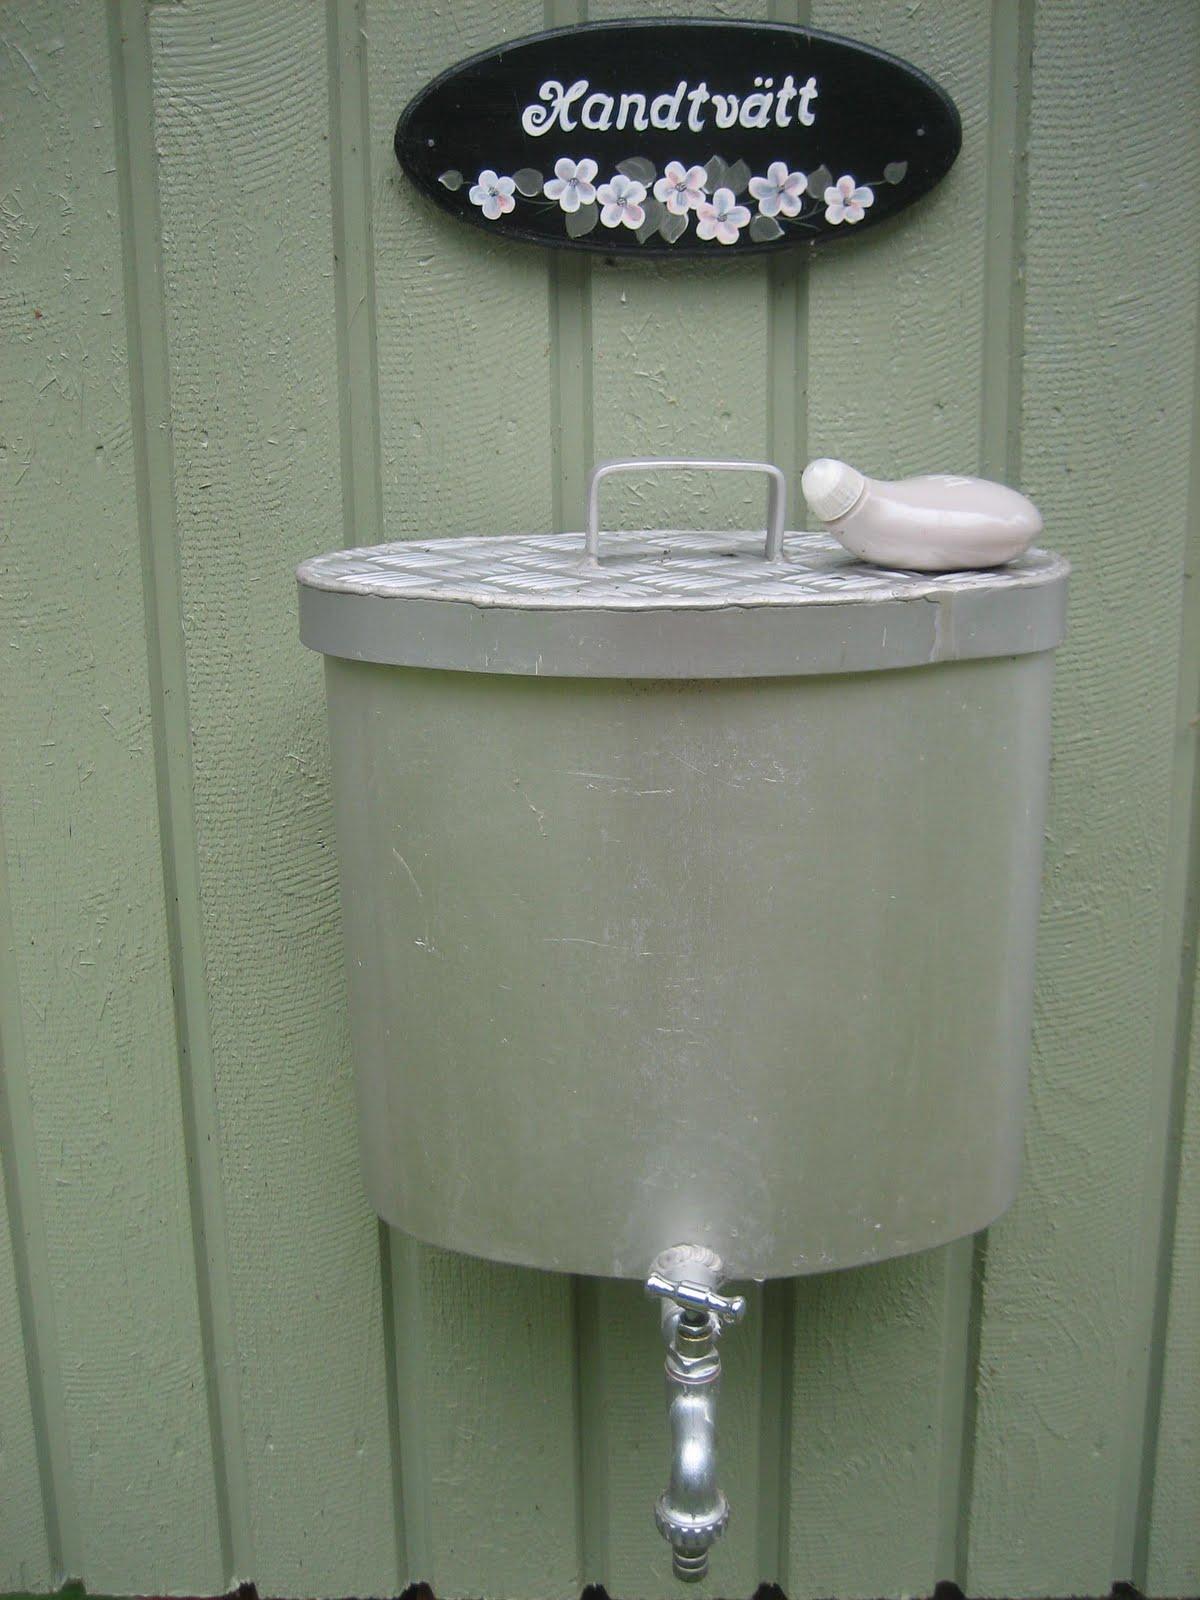 Vattenbehållare utedass